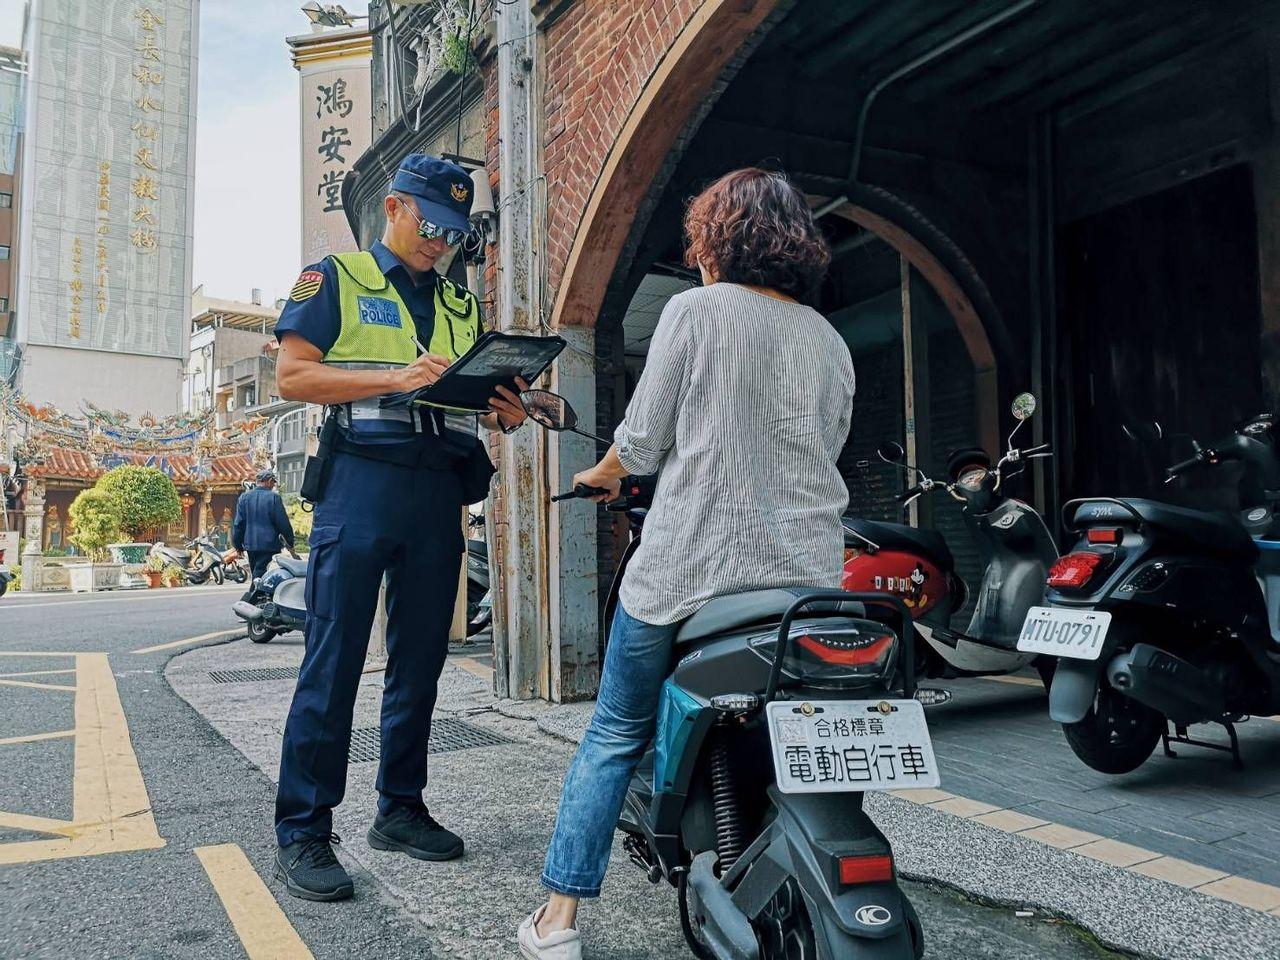 新的交通法規於10月1日上路,取締項目包含騎乘電動自行車未戴安全帽、超速、擅自改...